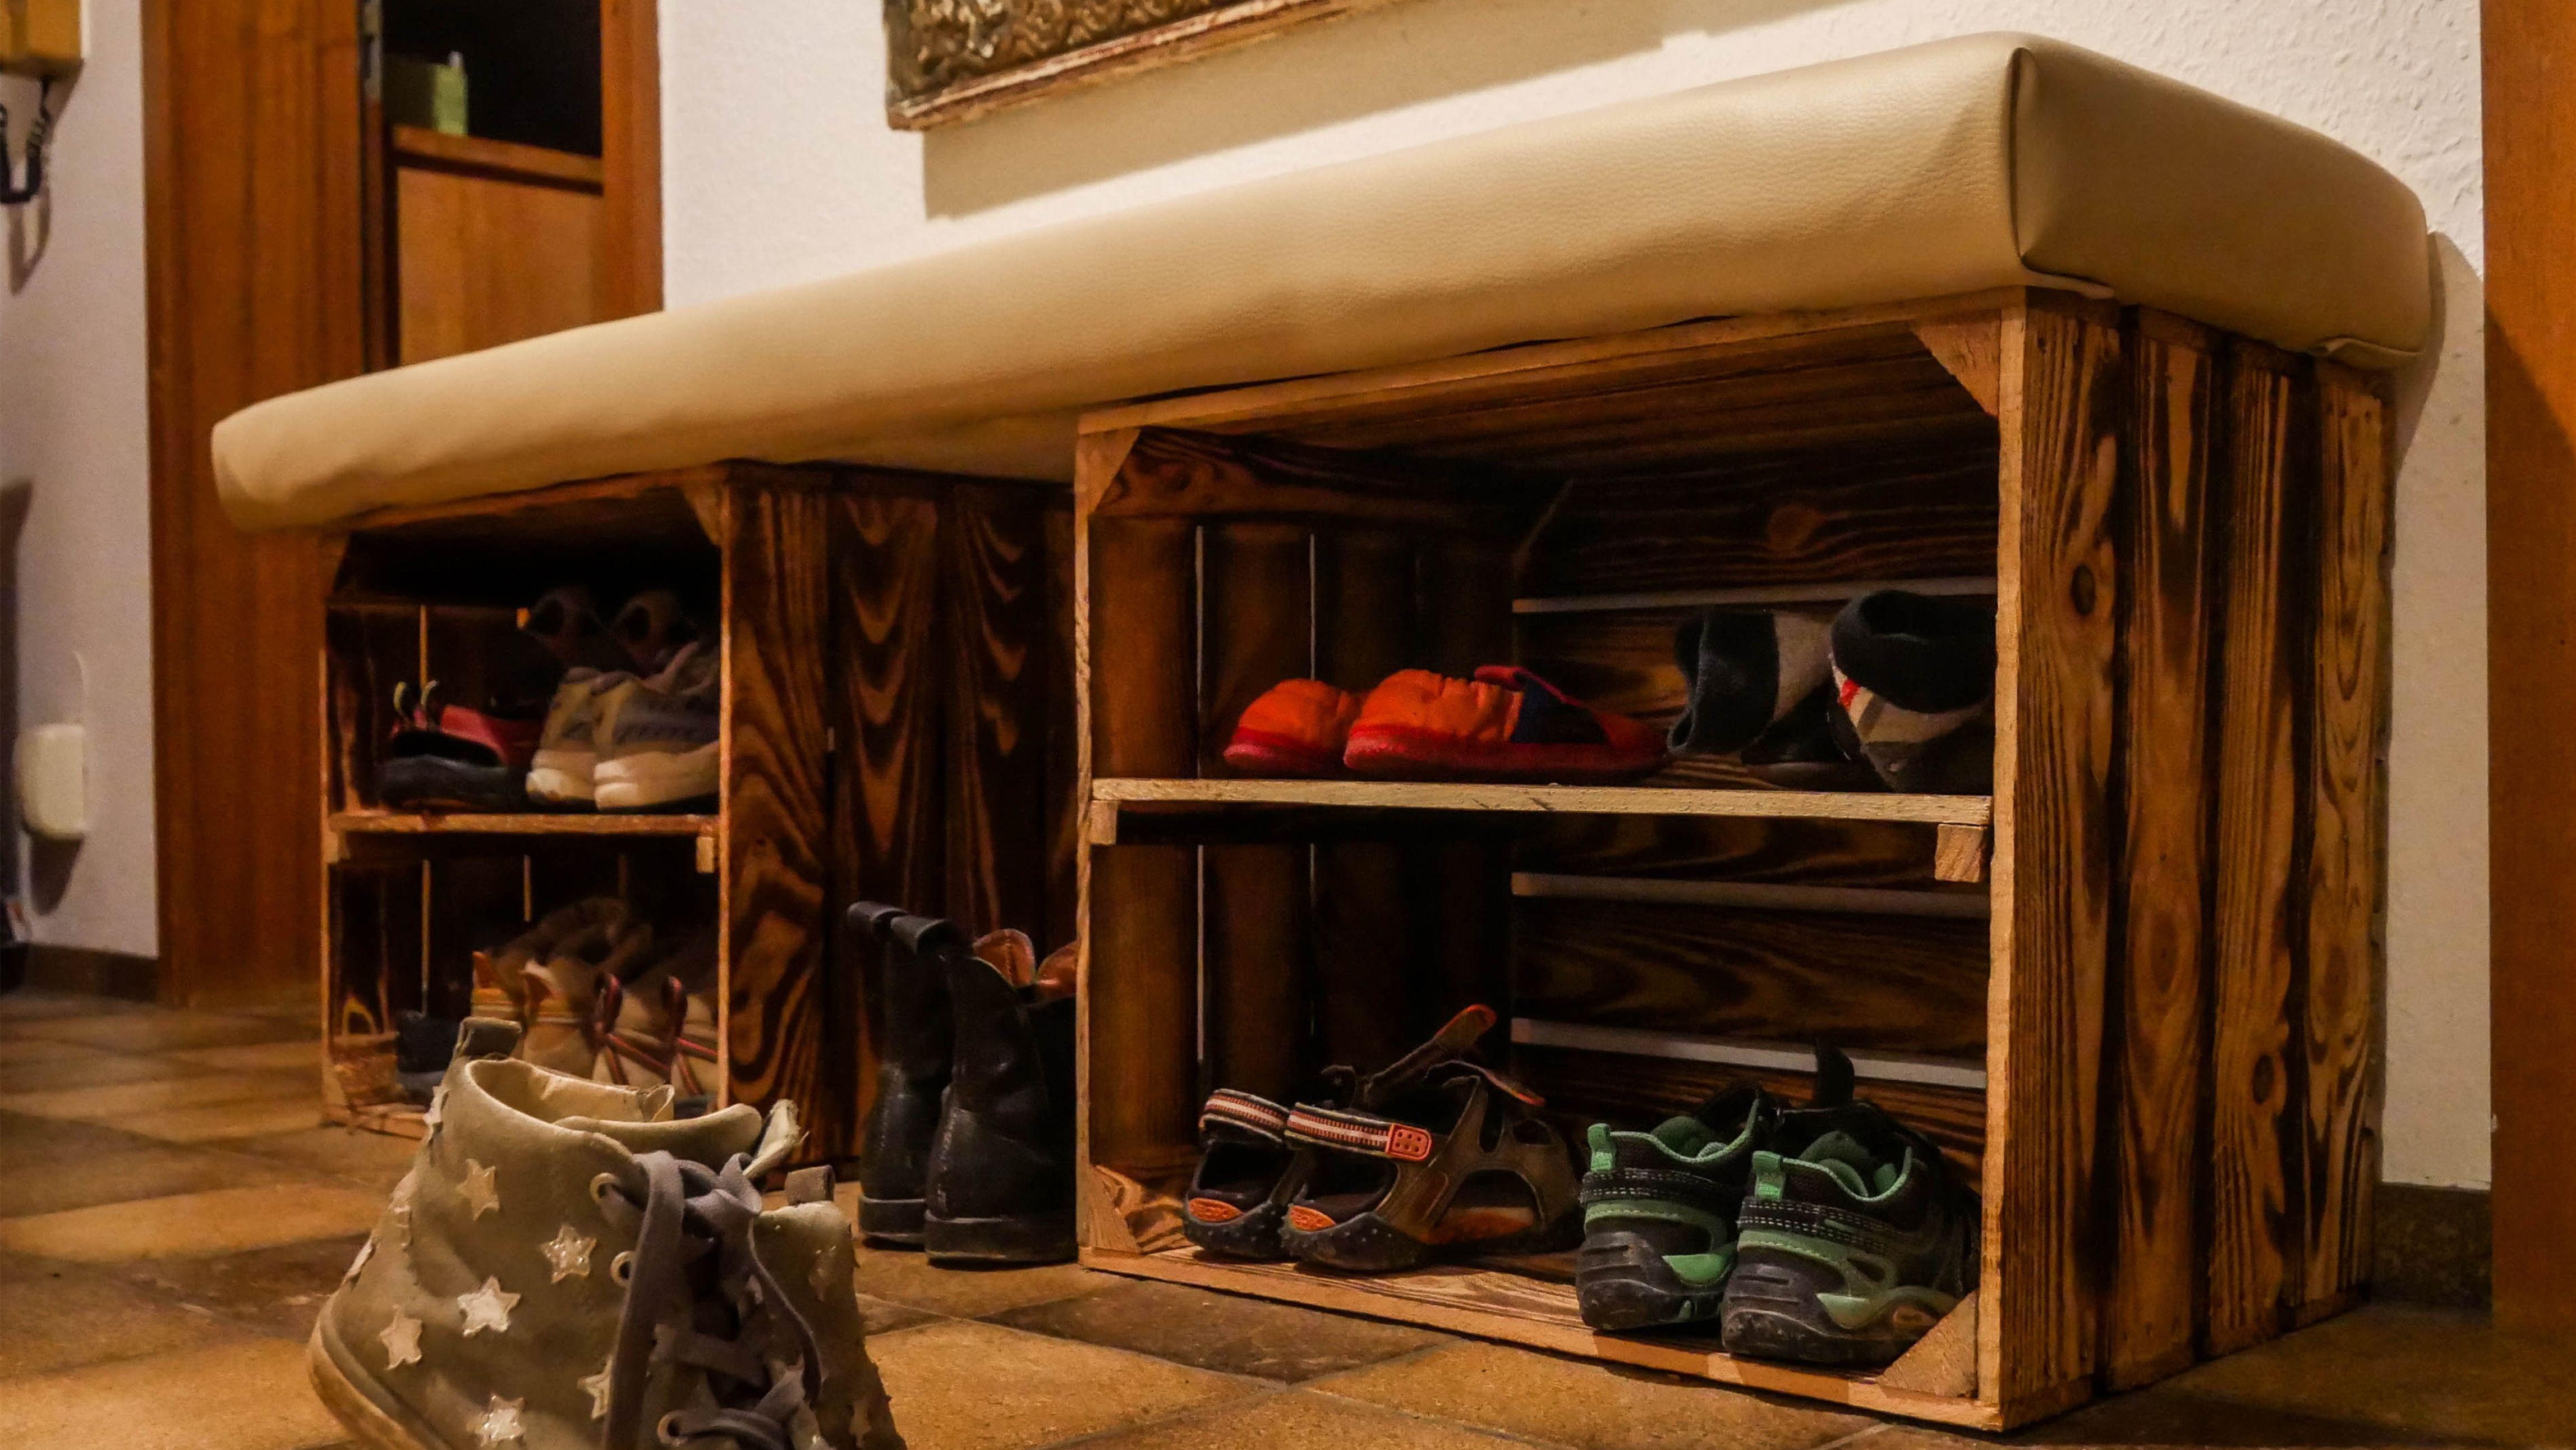 Schuhregal Mit Sitzbank Aus Alten Weinkisten Fur Kinder Alten Aus Diygardenboxwithpallets Fur Kinder M In 2020 Shoe Rack With Seat Shoe Rack Shoe Rack Bench